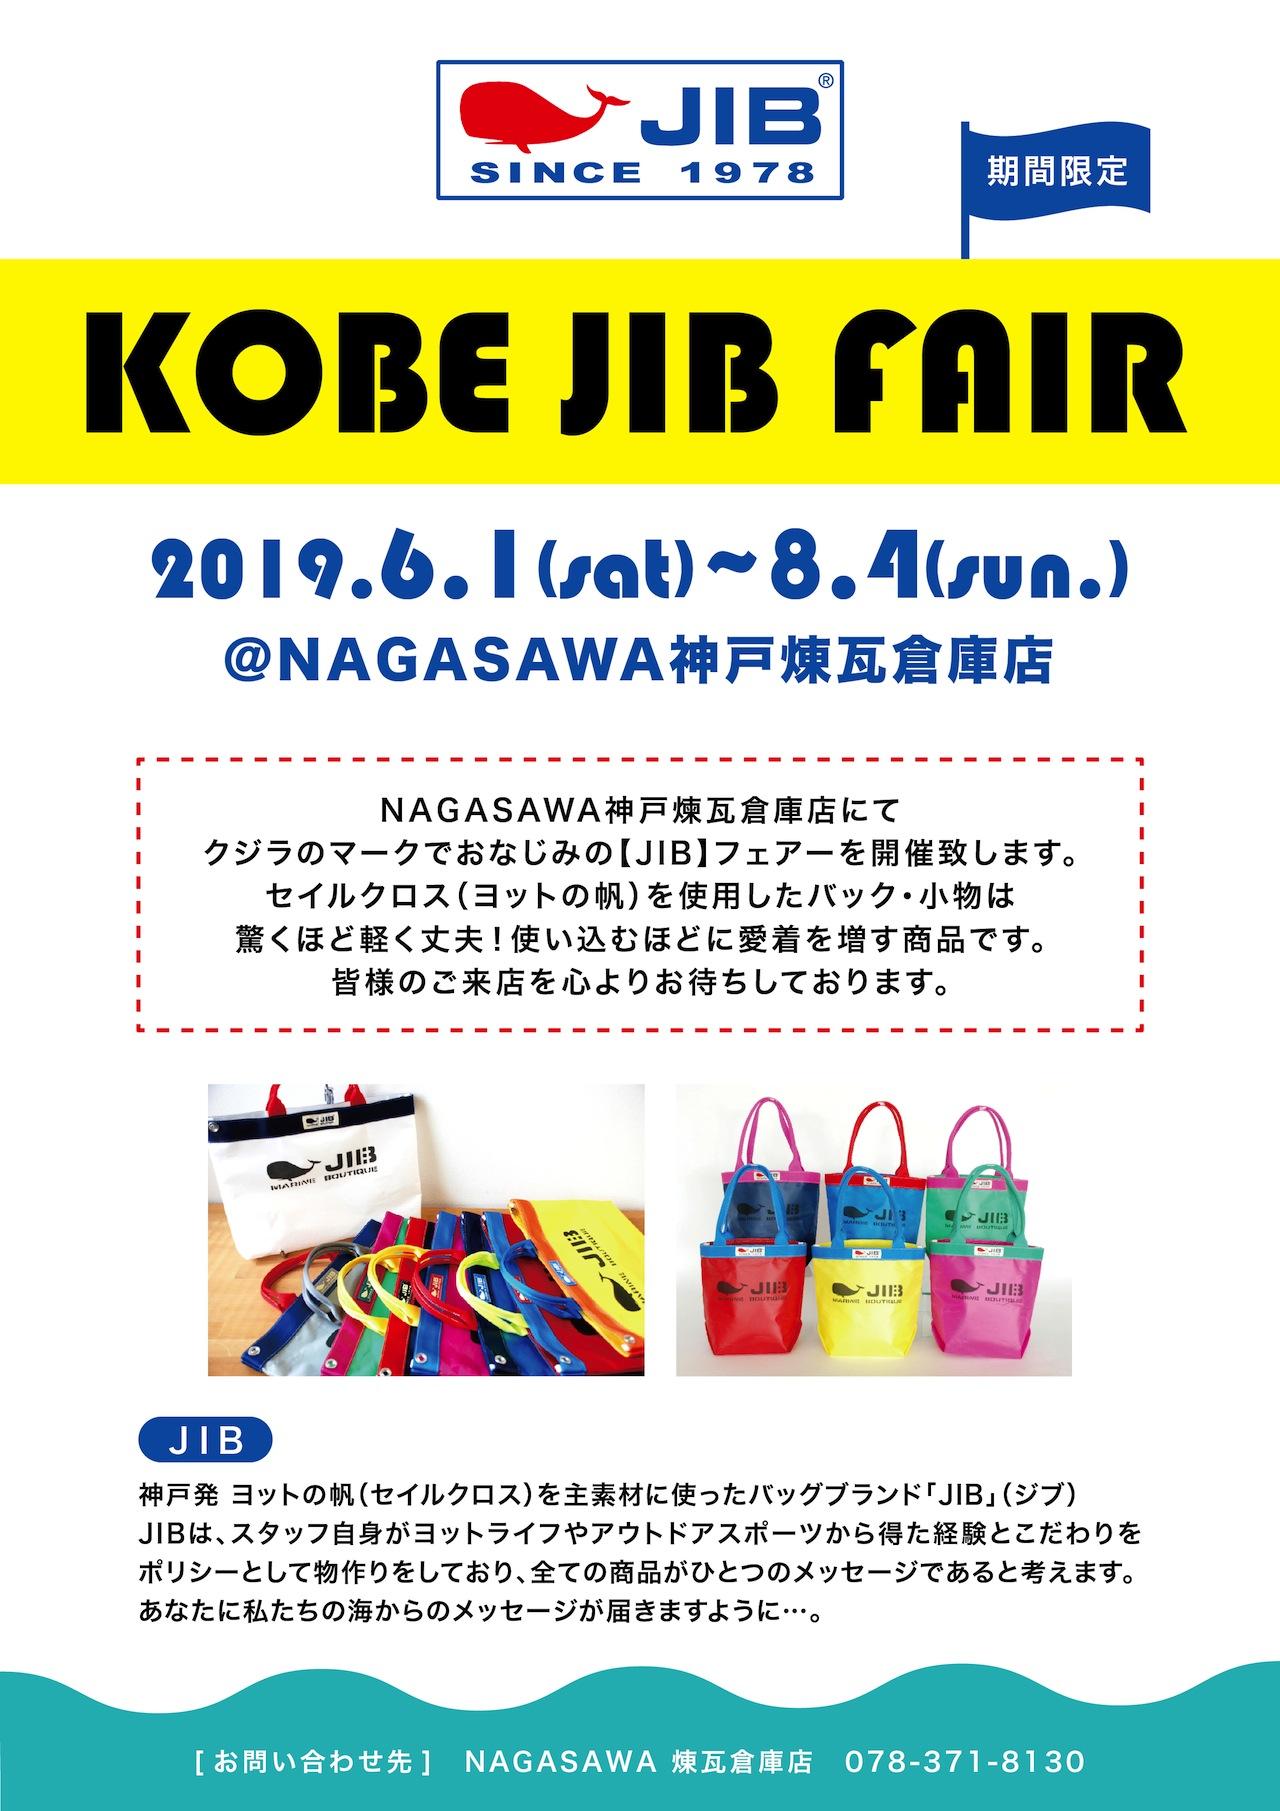 Kobe JIB Fair